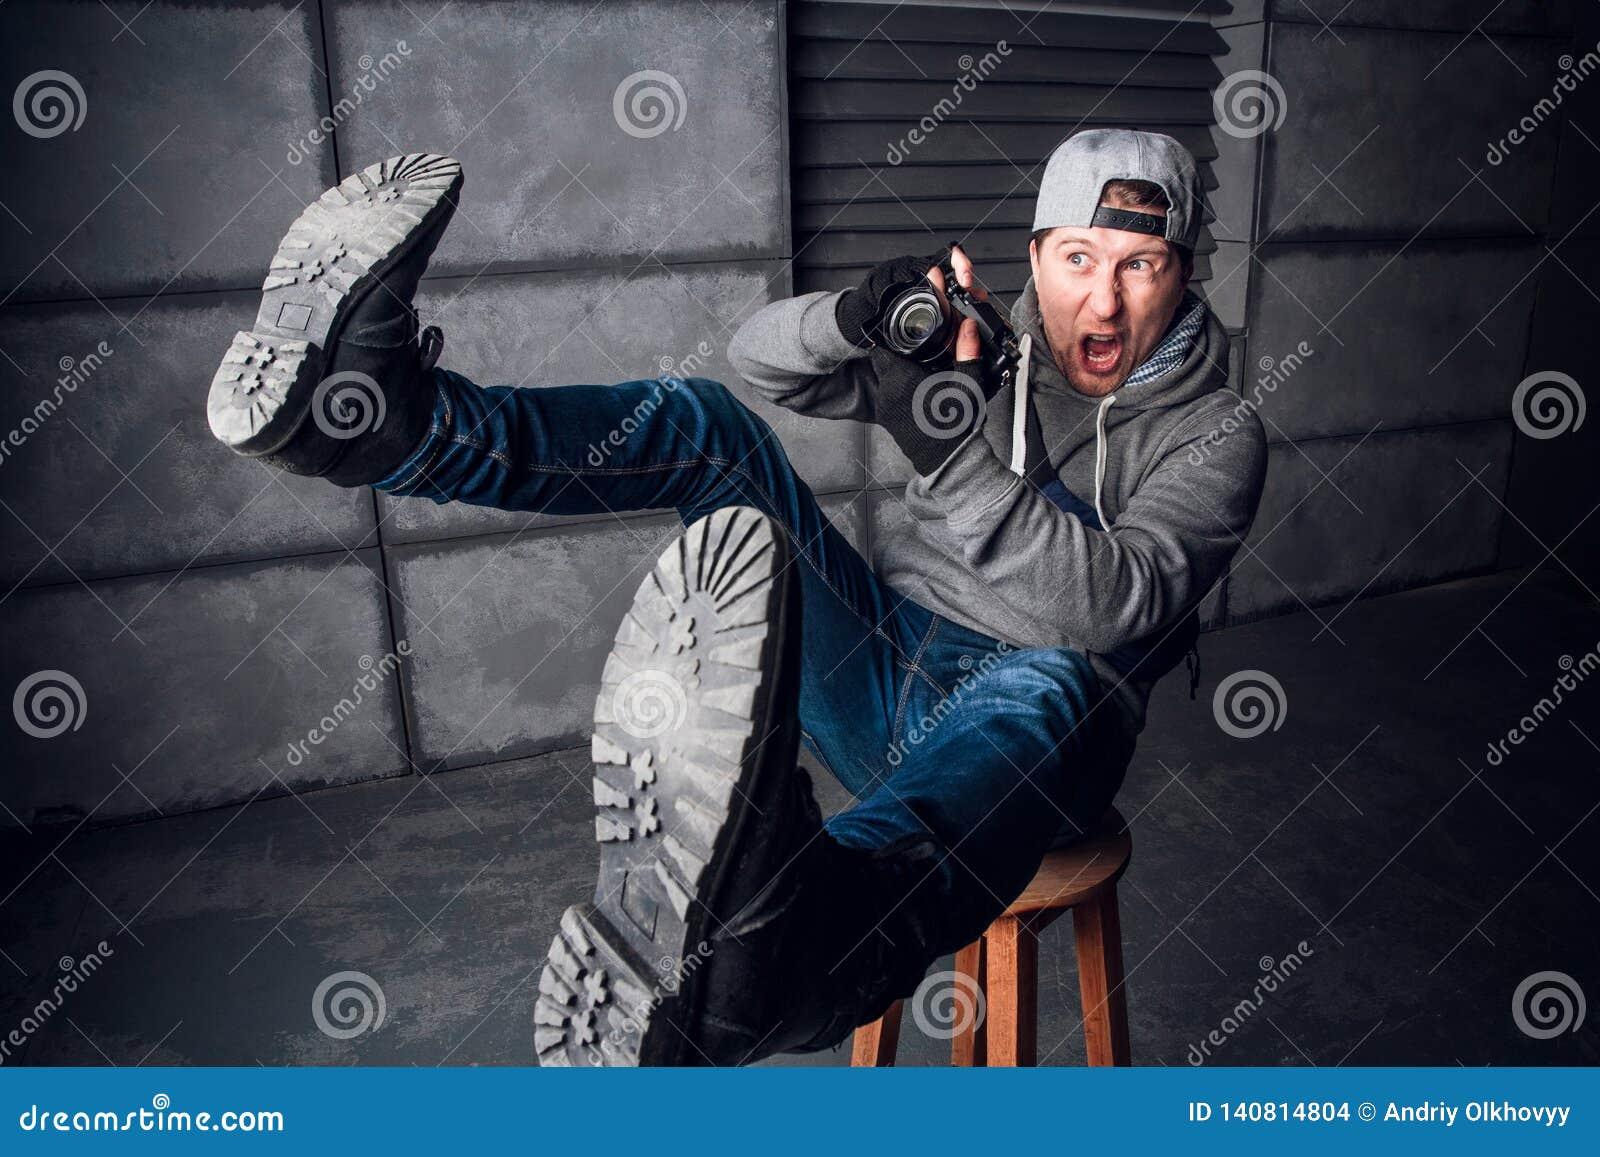 En man är en fotograf med kameran rolig framsida Mörkt - grå bakgrund placera text Fotografen skjuter på